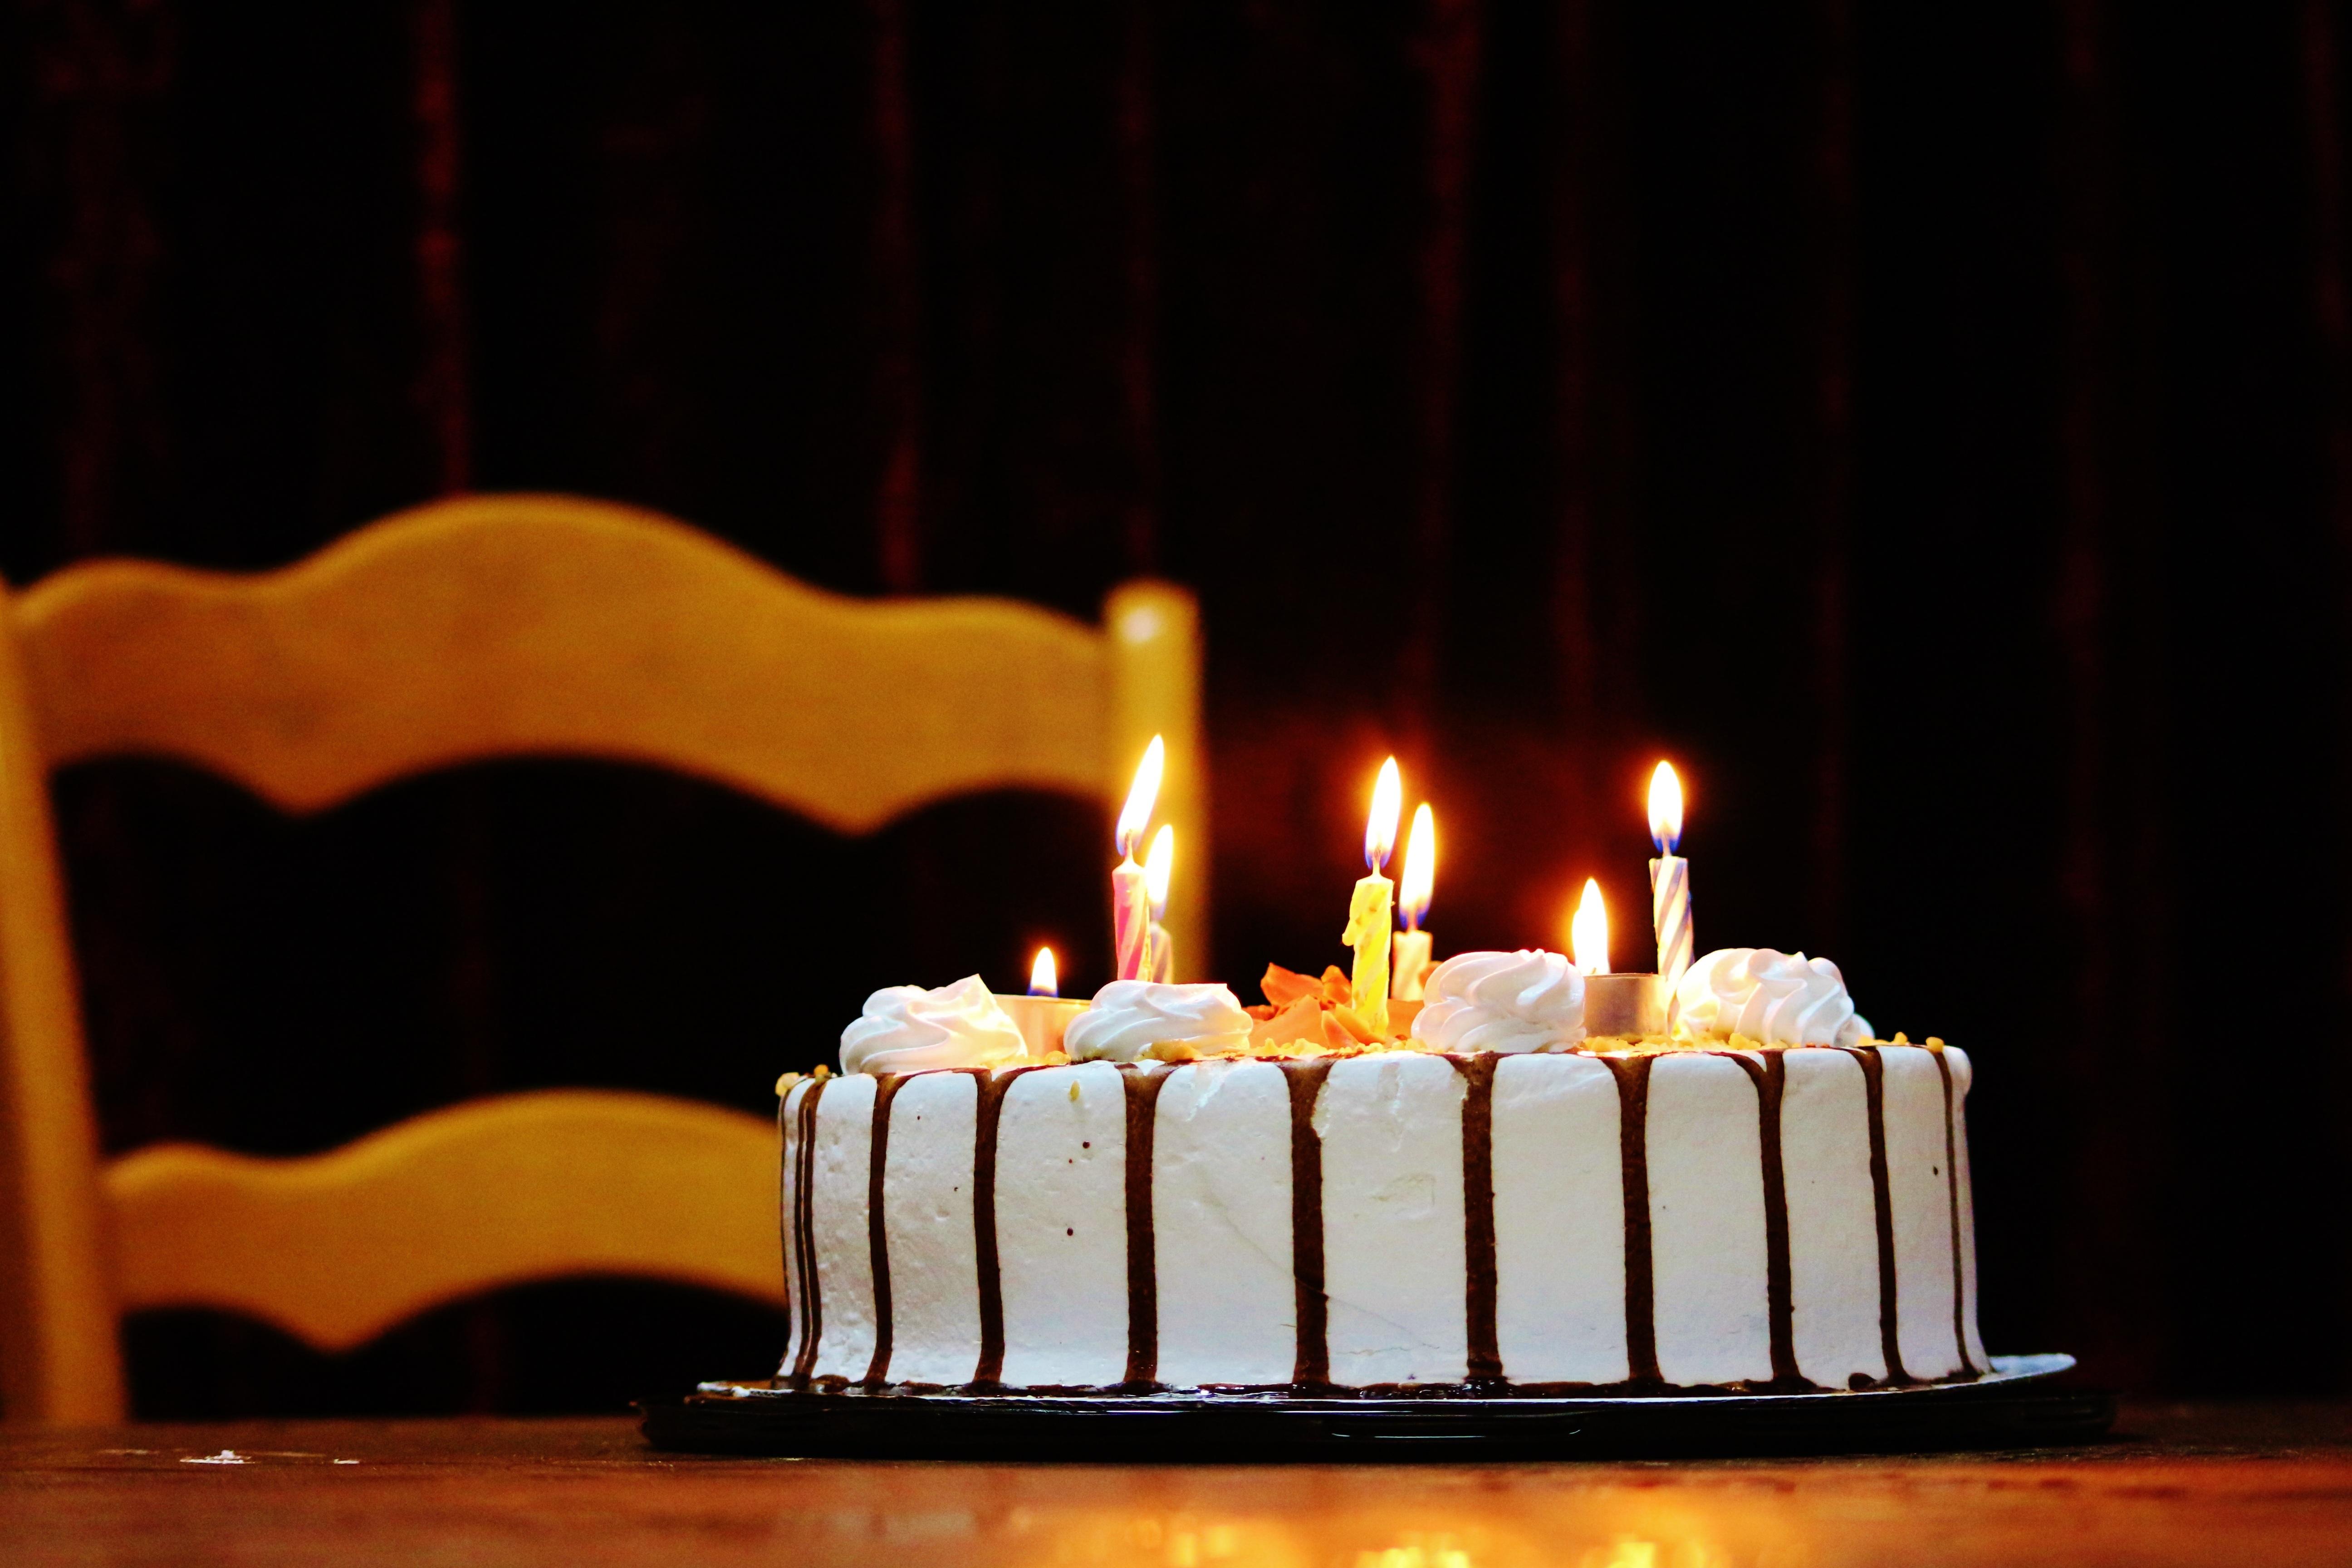 создать картинку торта со свечами художественных работ такая